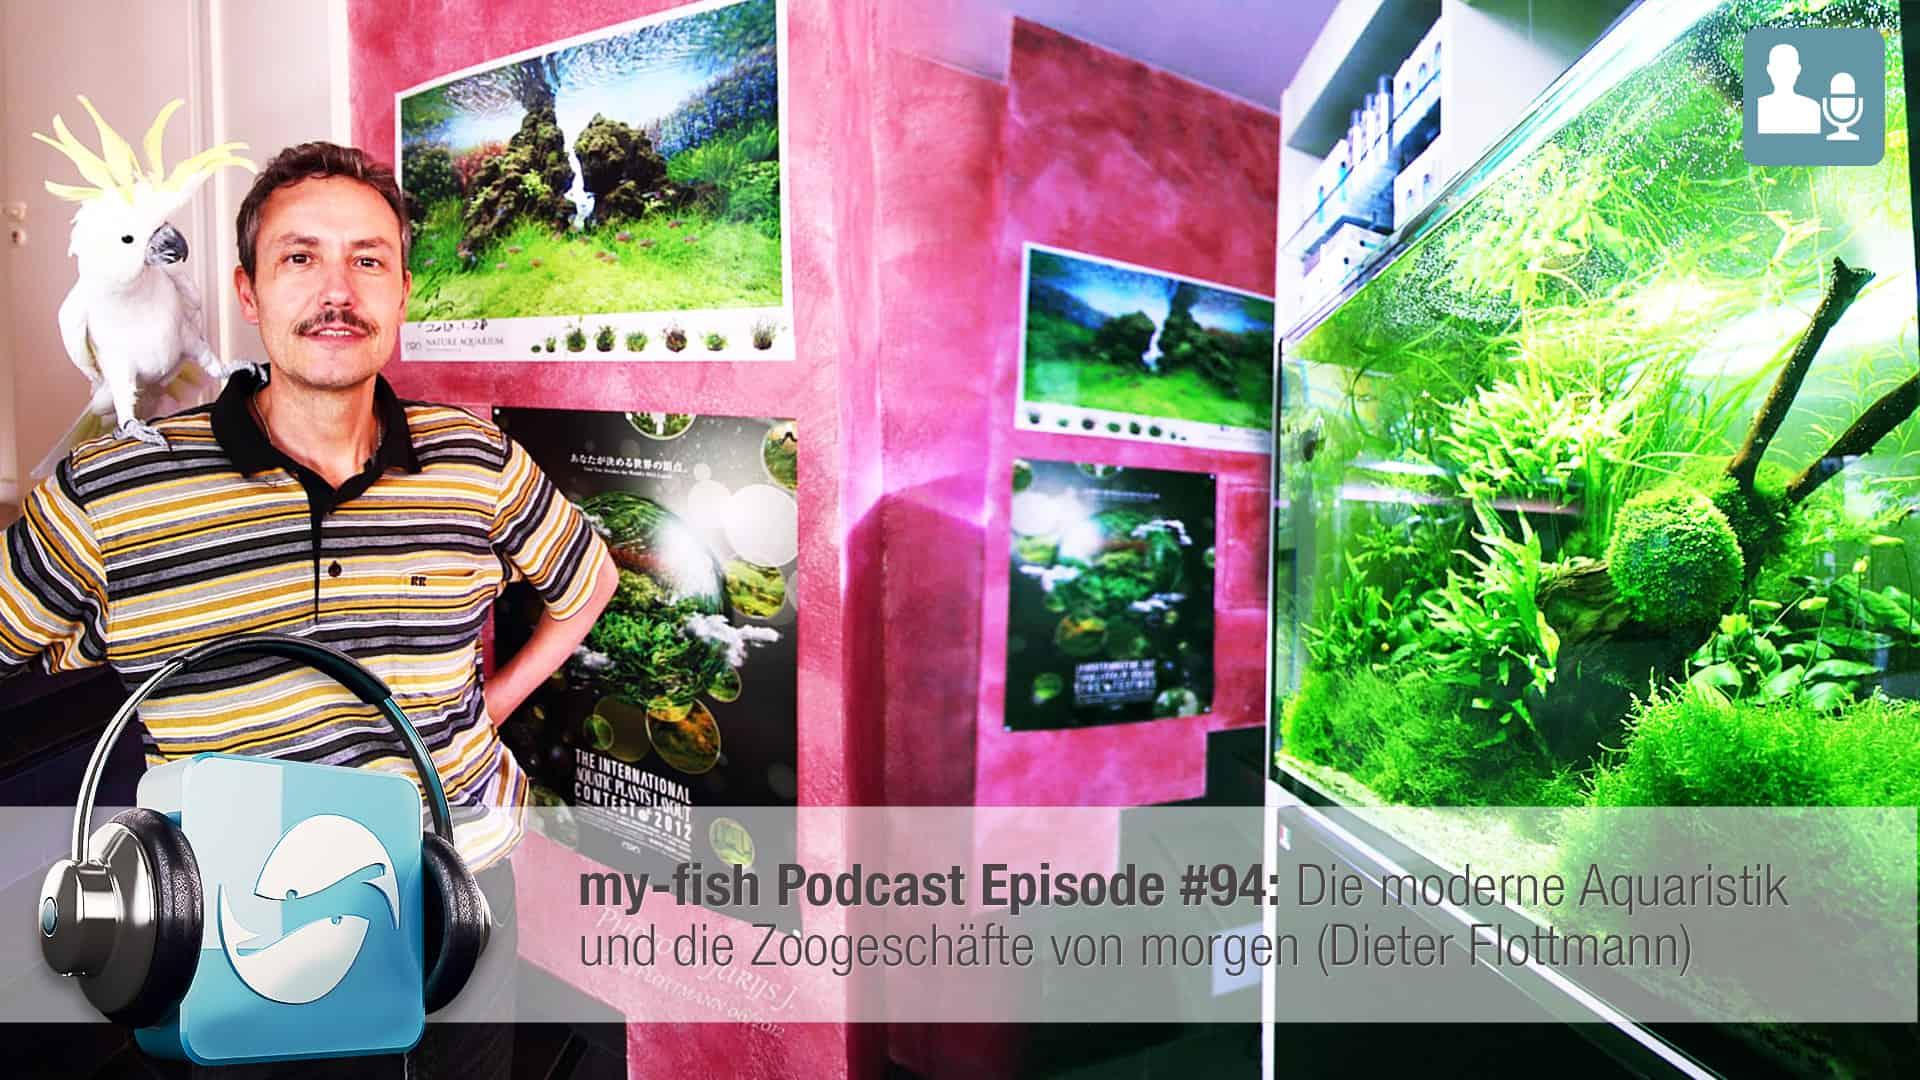 Podcast Episode #94: Die moderne Aquaristik und die Zoogeschäfte von morgen (Dieter Flottmann) 1